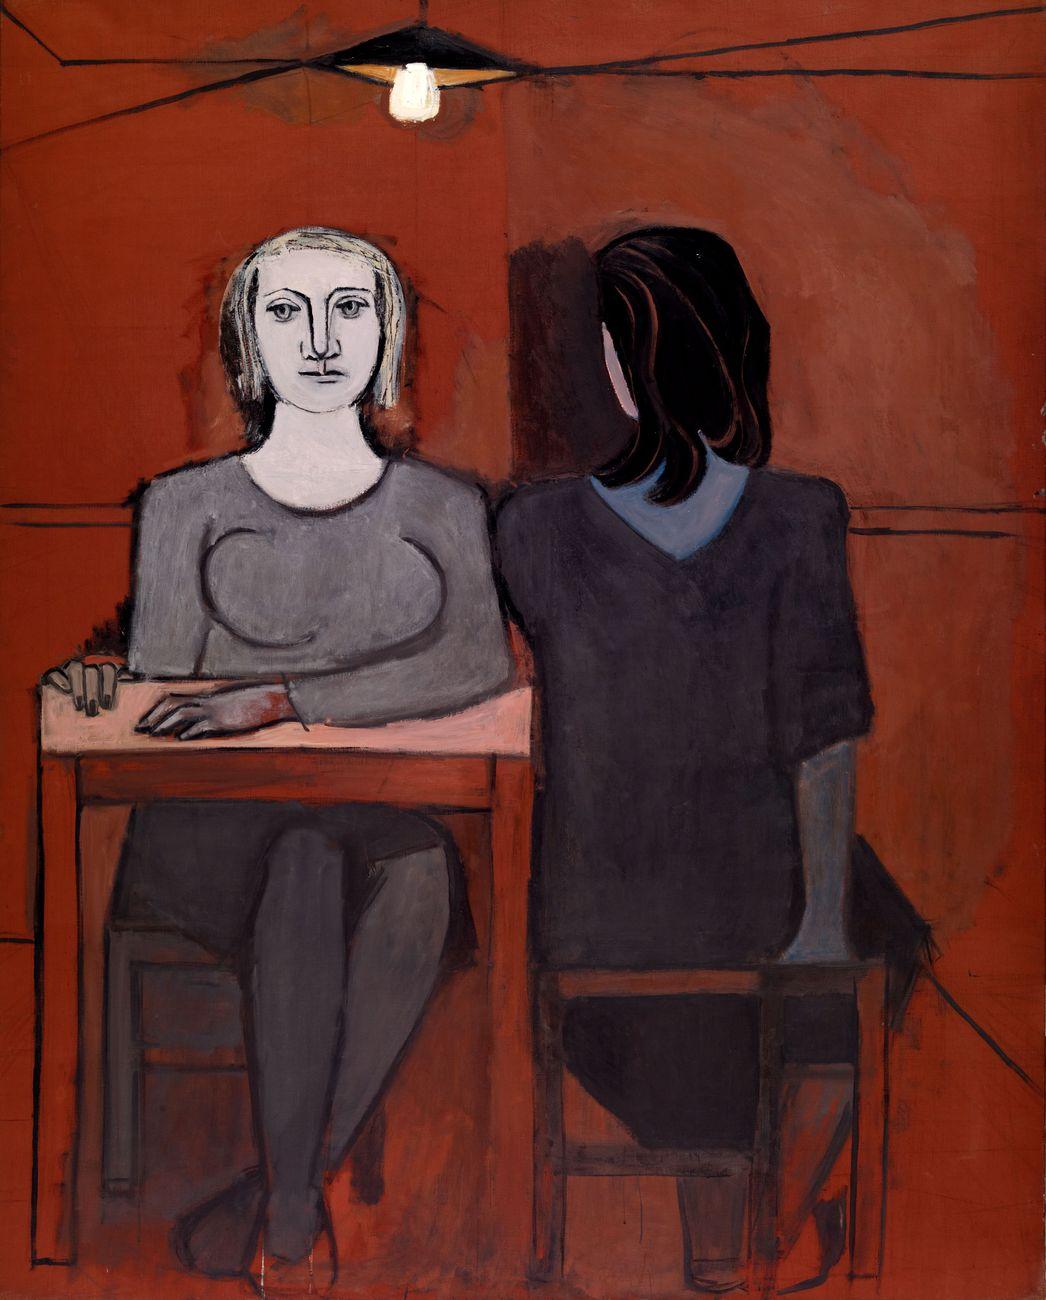 Dora Maar, The Conversation 1937. Fundación Almine y Bernard Ruiz-Picasso para el Arte, Madrid © FABA Photo Marc Domage © ADAGP, Paris and DACS, London 2019